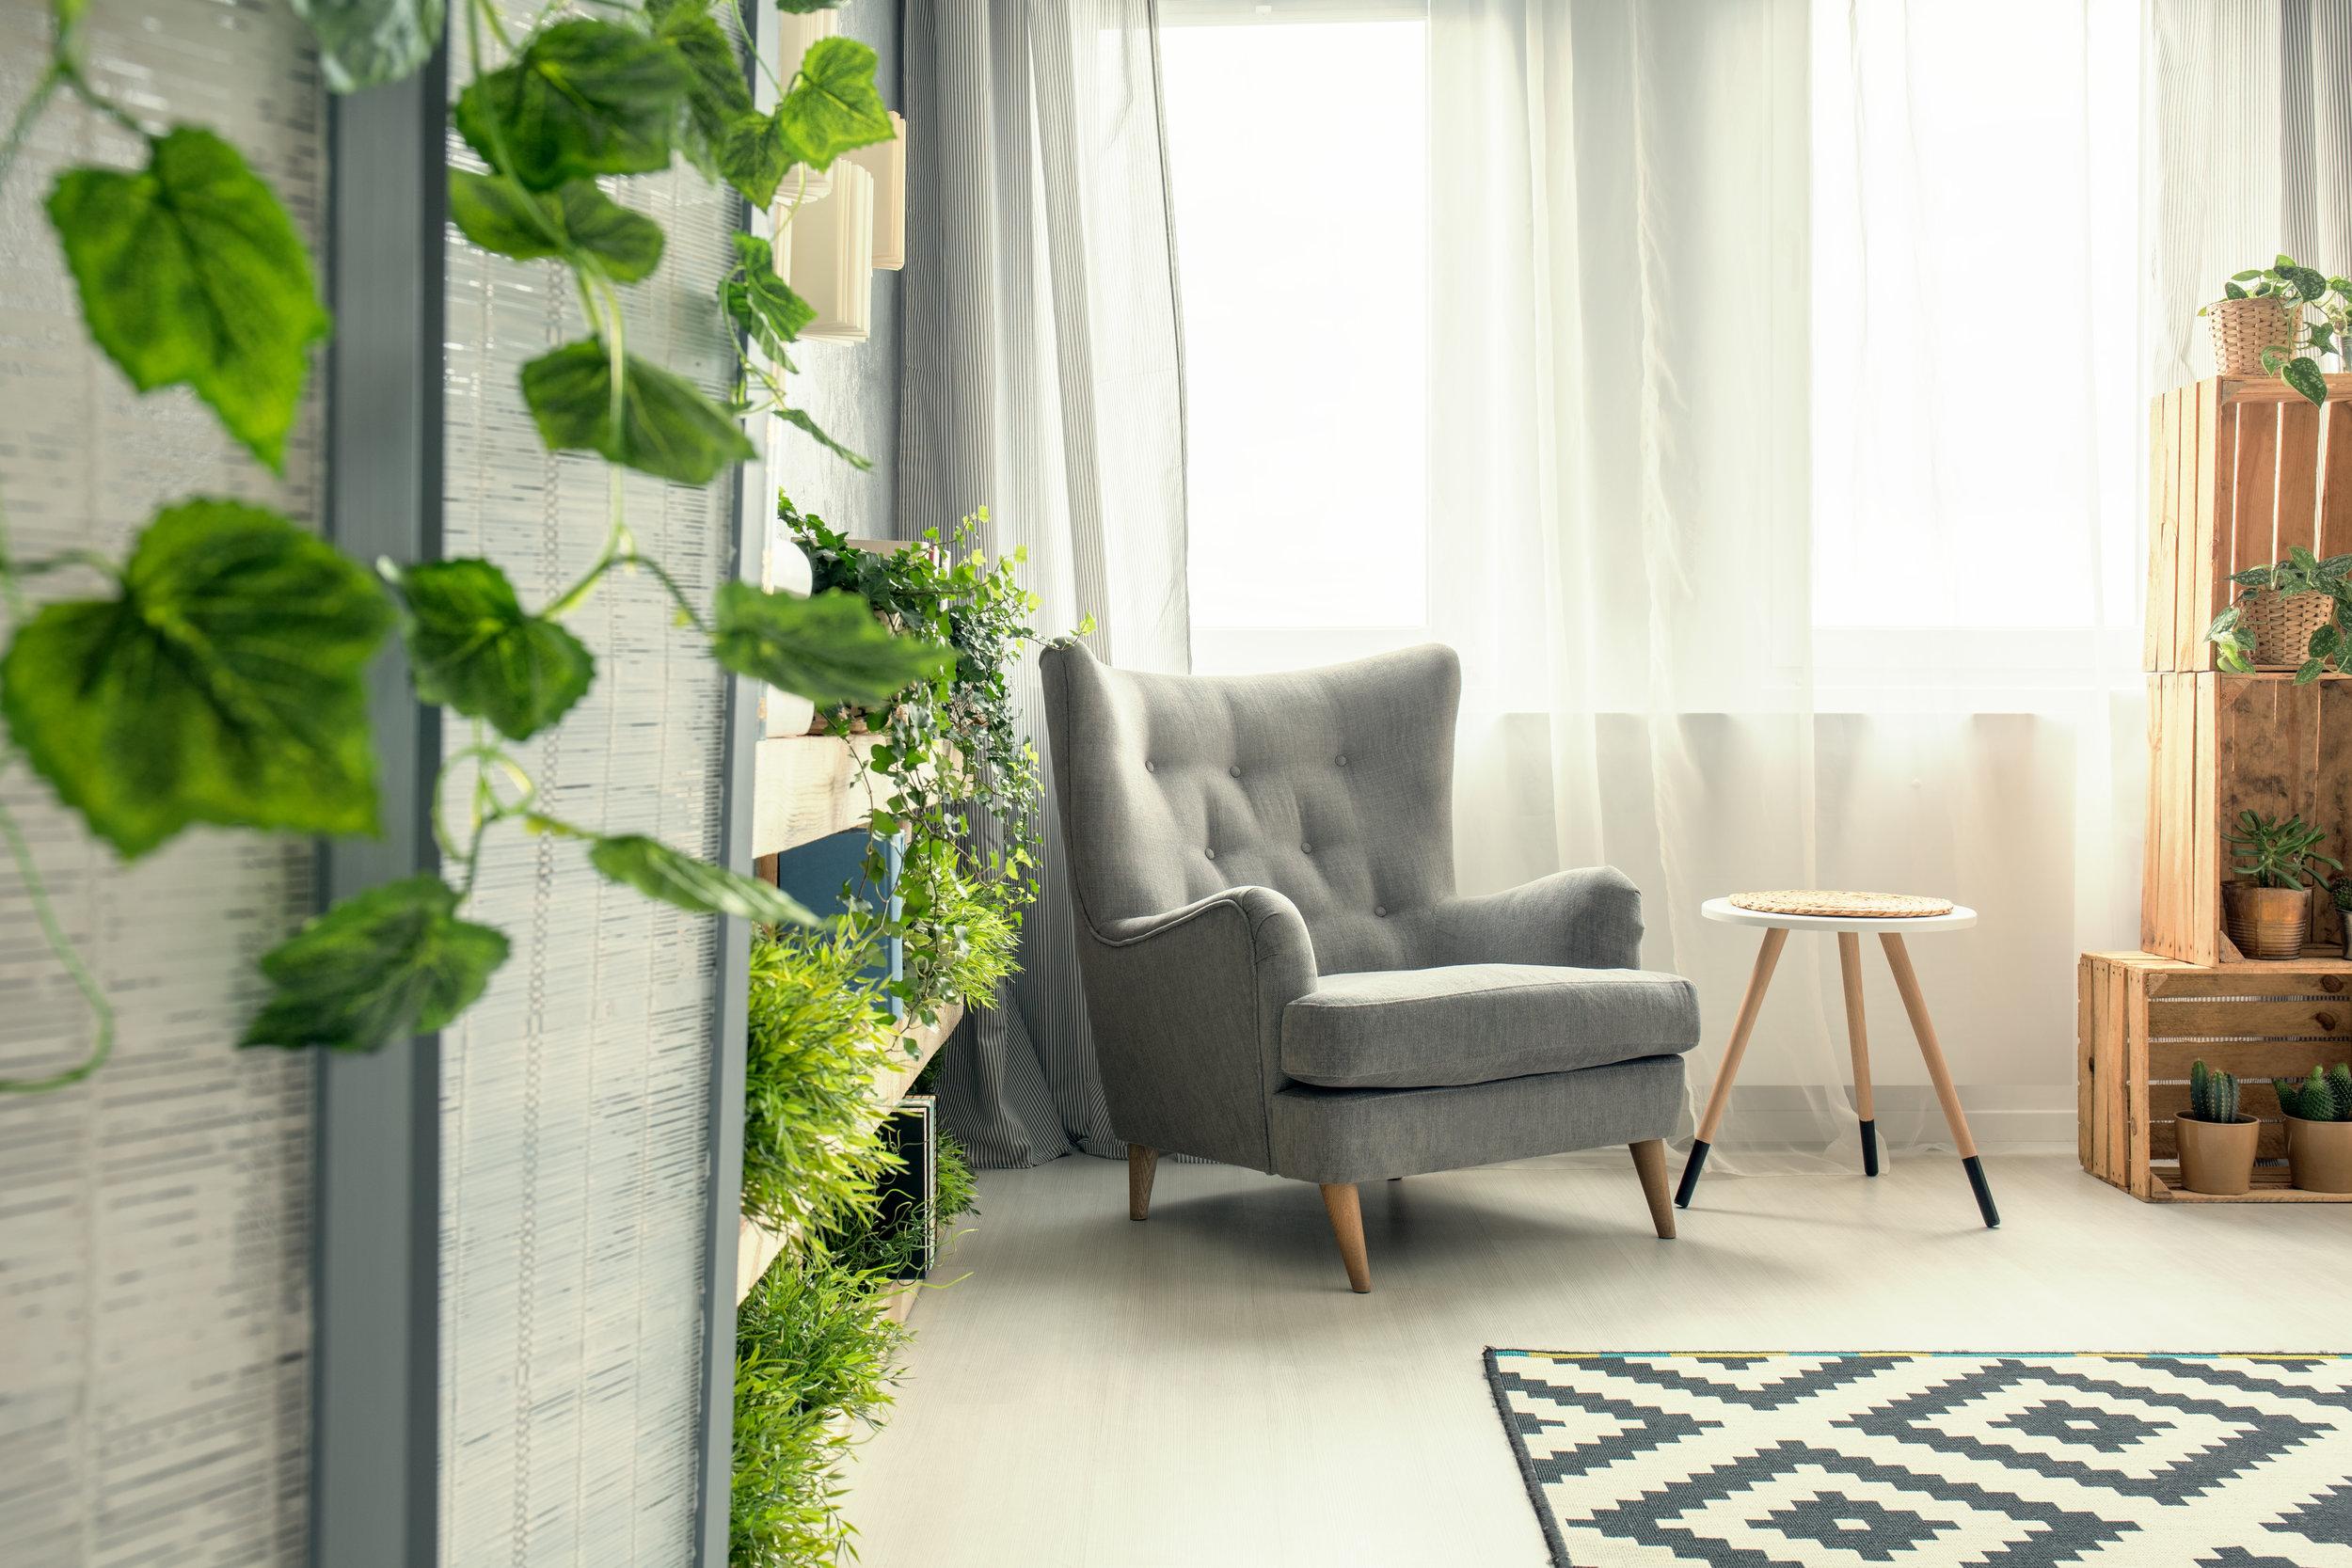 eclectic-furniture-in-room-PXWJZCN.jpg